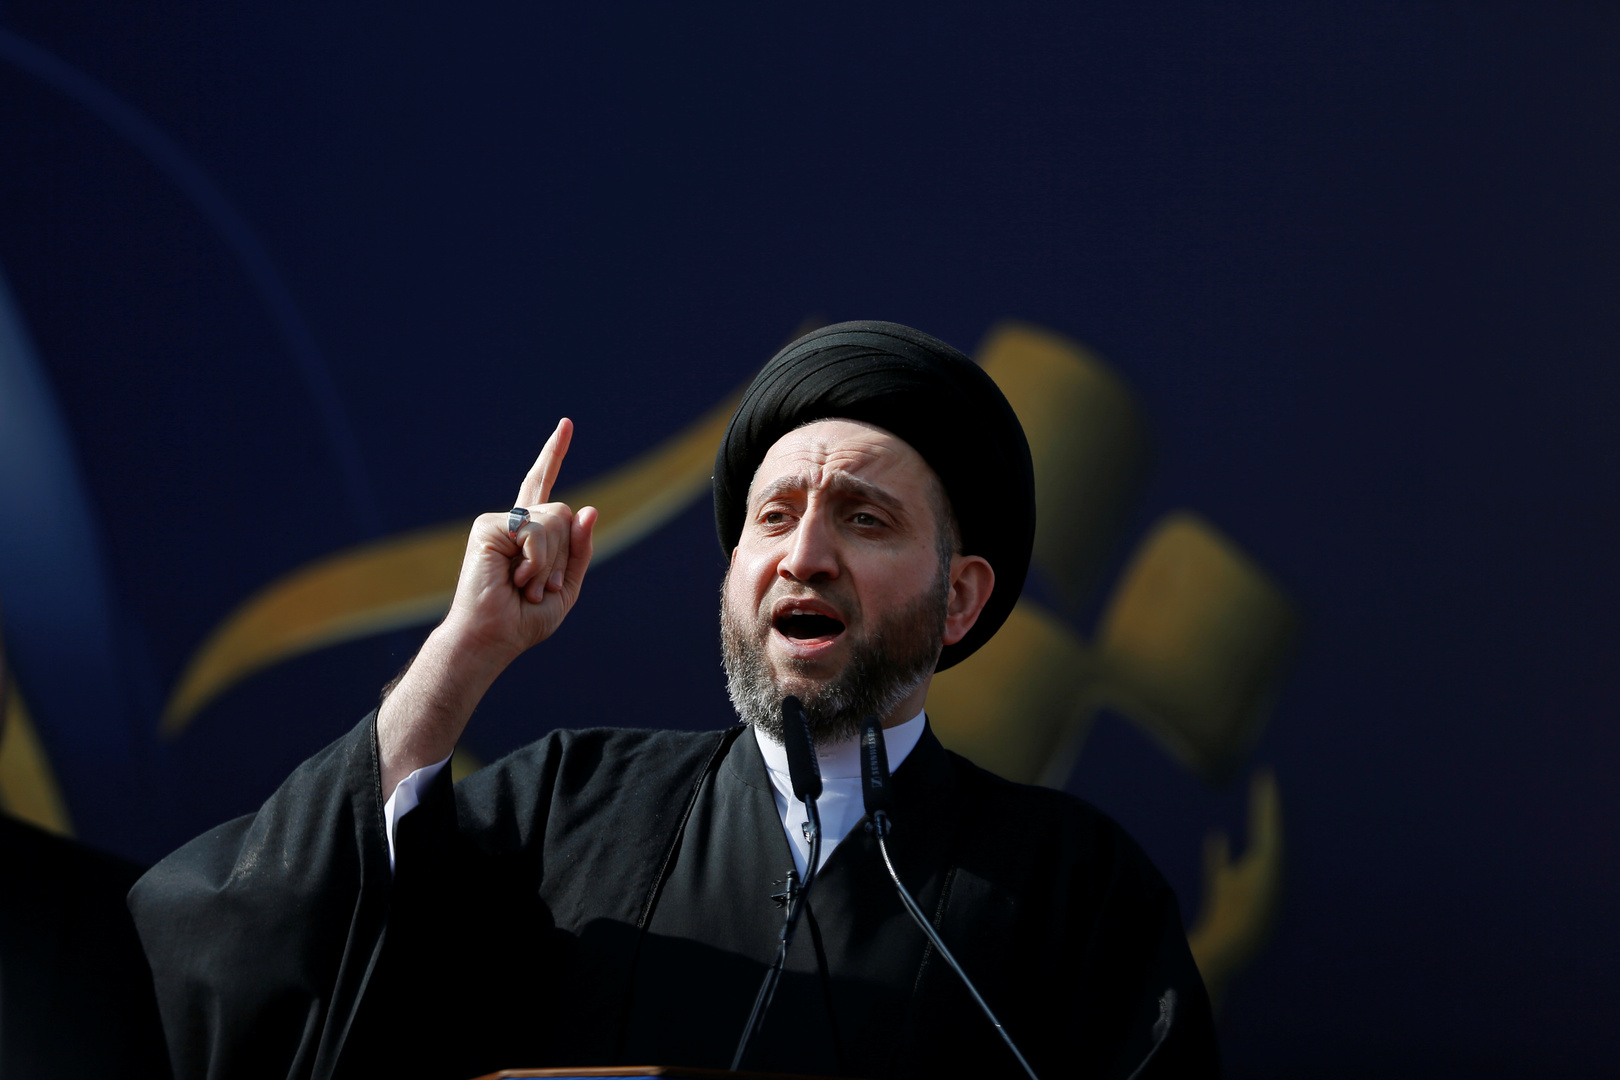 مصدر لـRT: القوى الشيعية ستجتمع بالحكيم لسحب دعمه عن الزرفي وتكليف السهيل بدلا عنه